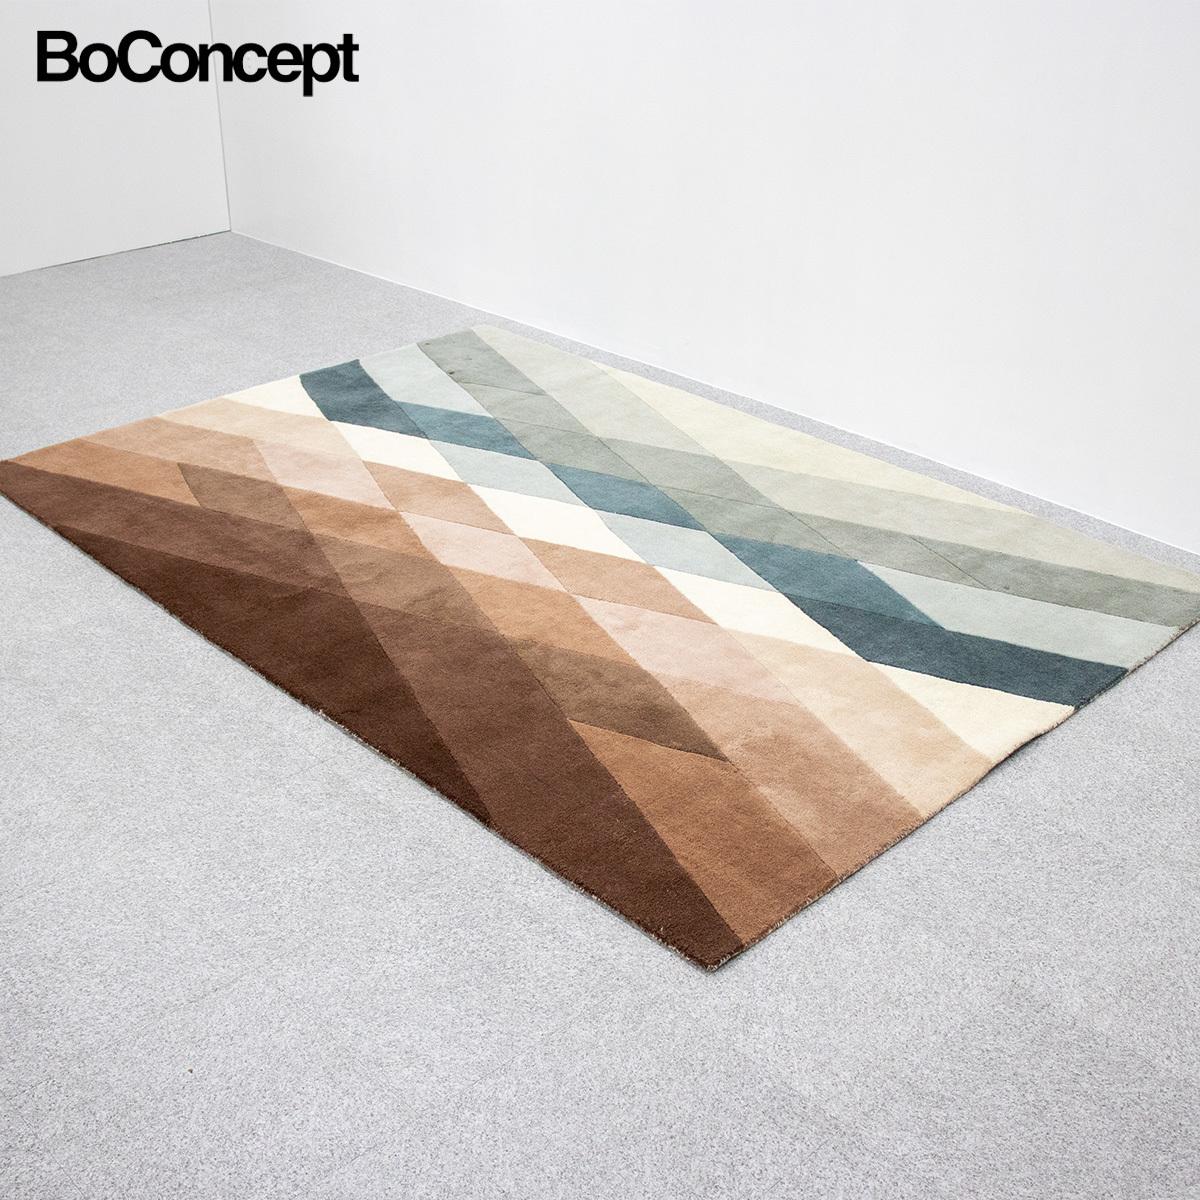 短期展示品【BoConcept】ボーコンセプト【Vivus Rug】ラグ【カーペット】定価35万